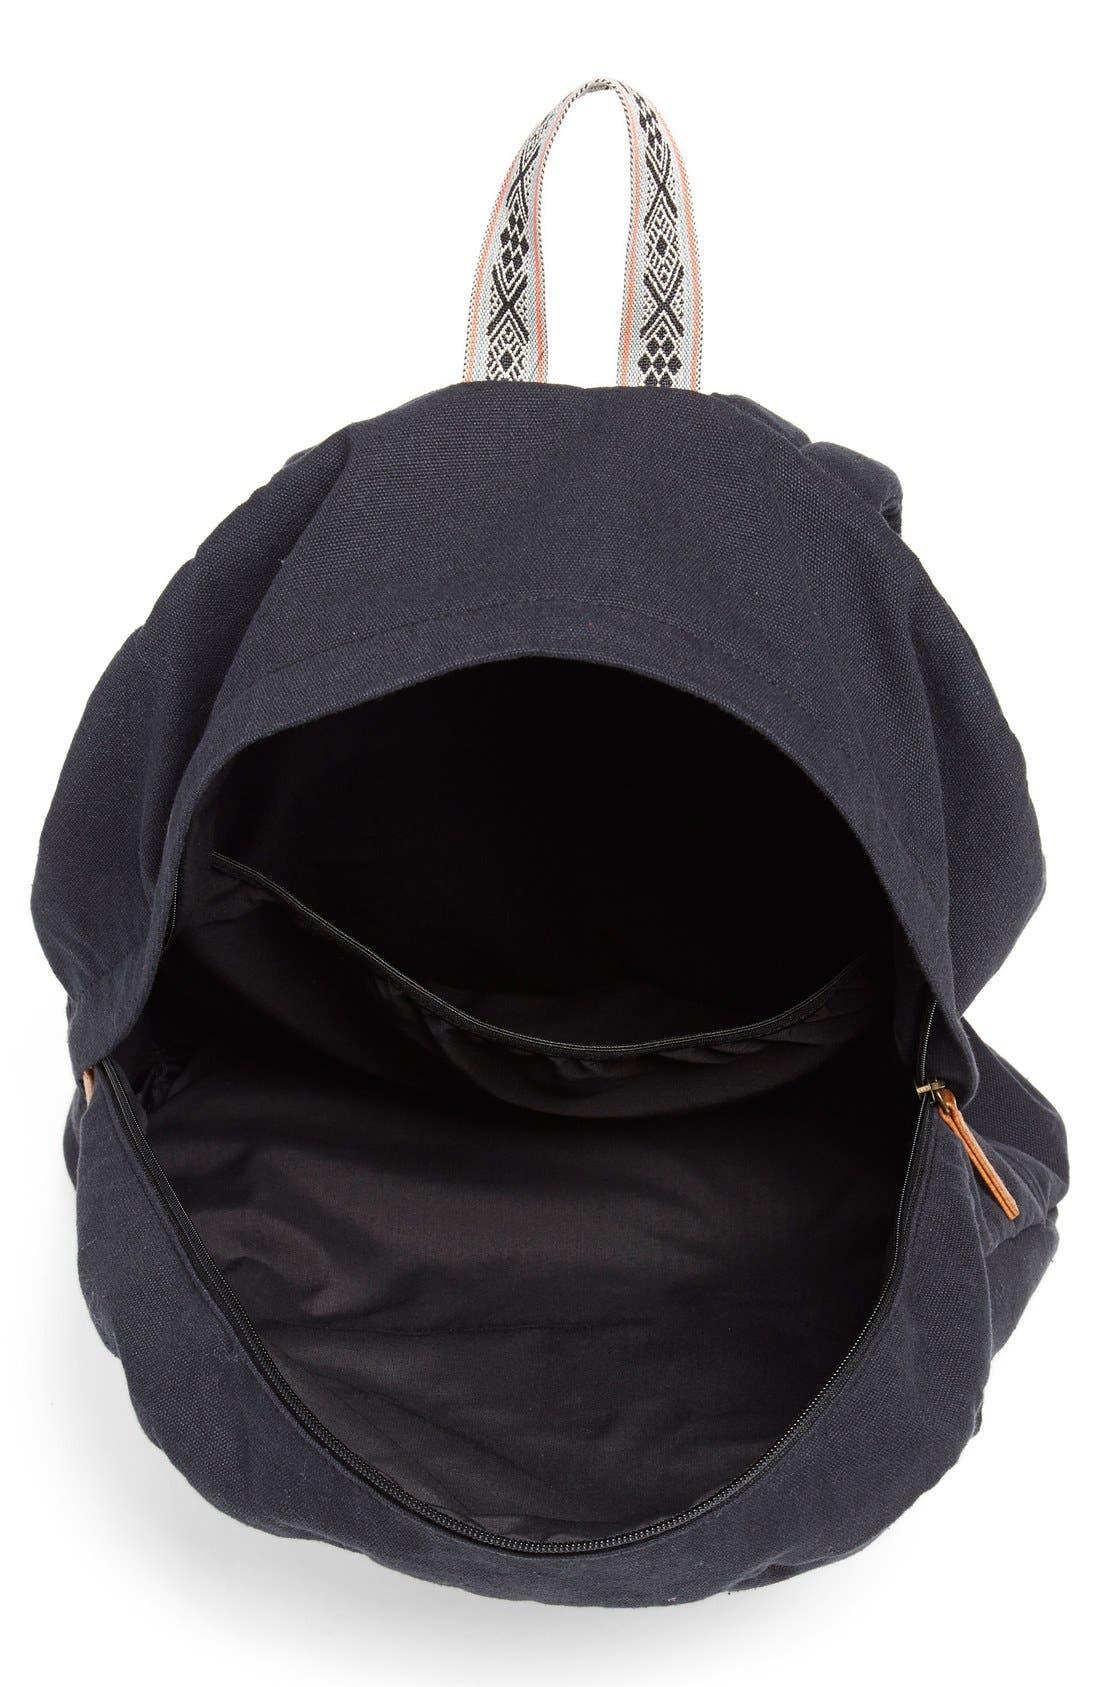 Alternate Image 3  - Billabong 'Swept Summer' Backpack